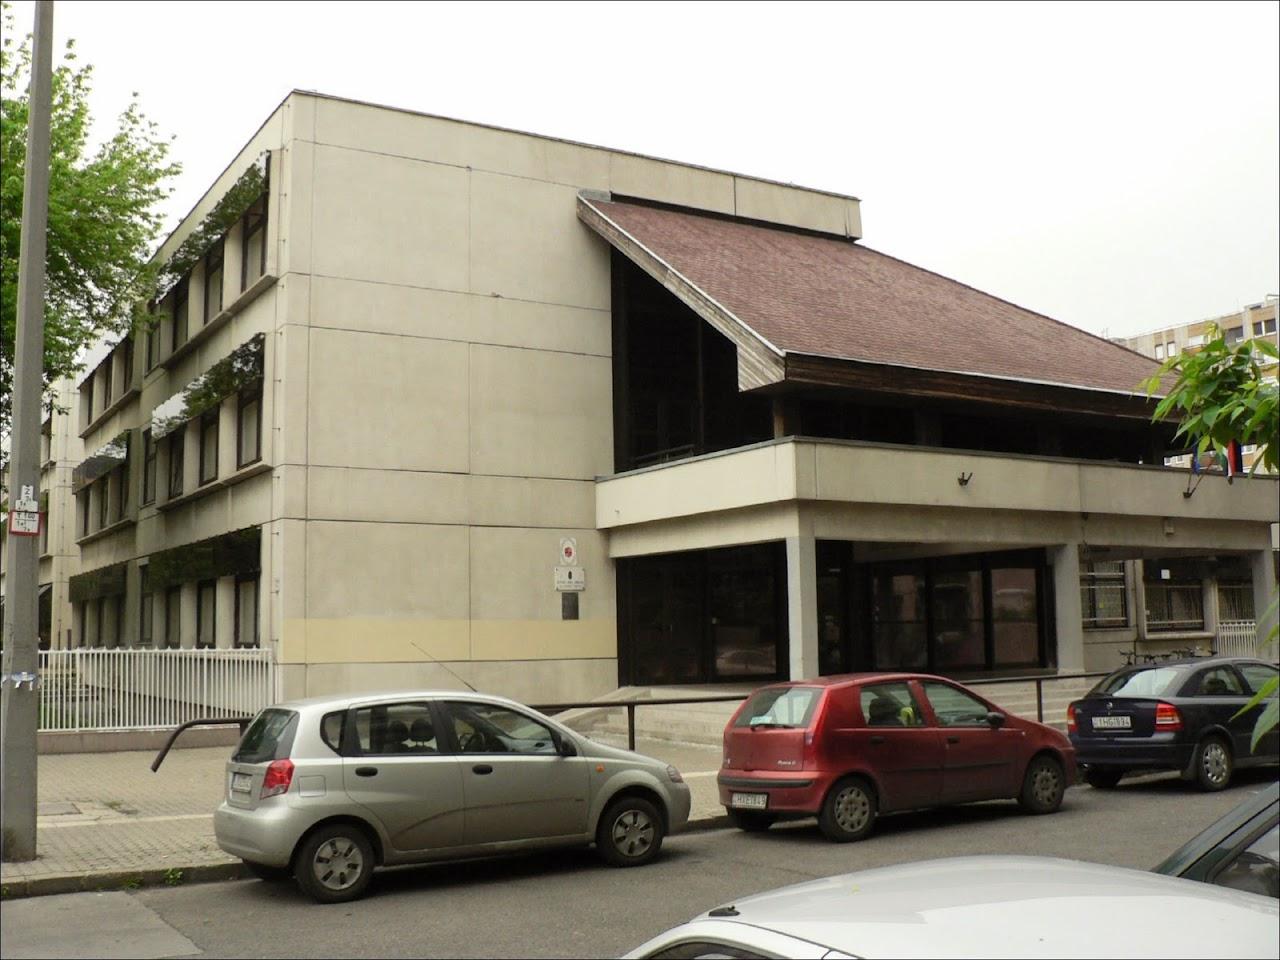 Képek az iskoláról - image035.jpg